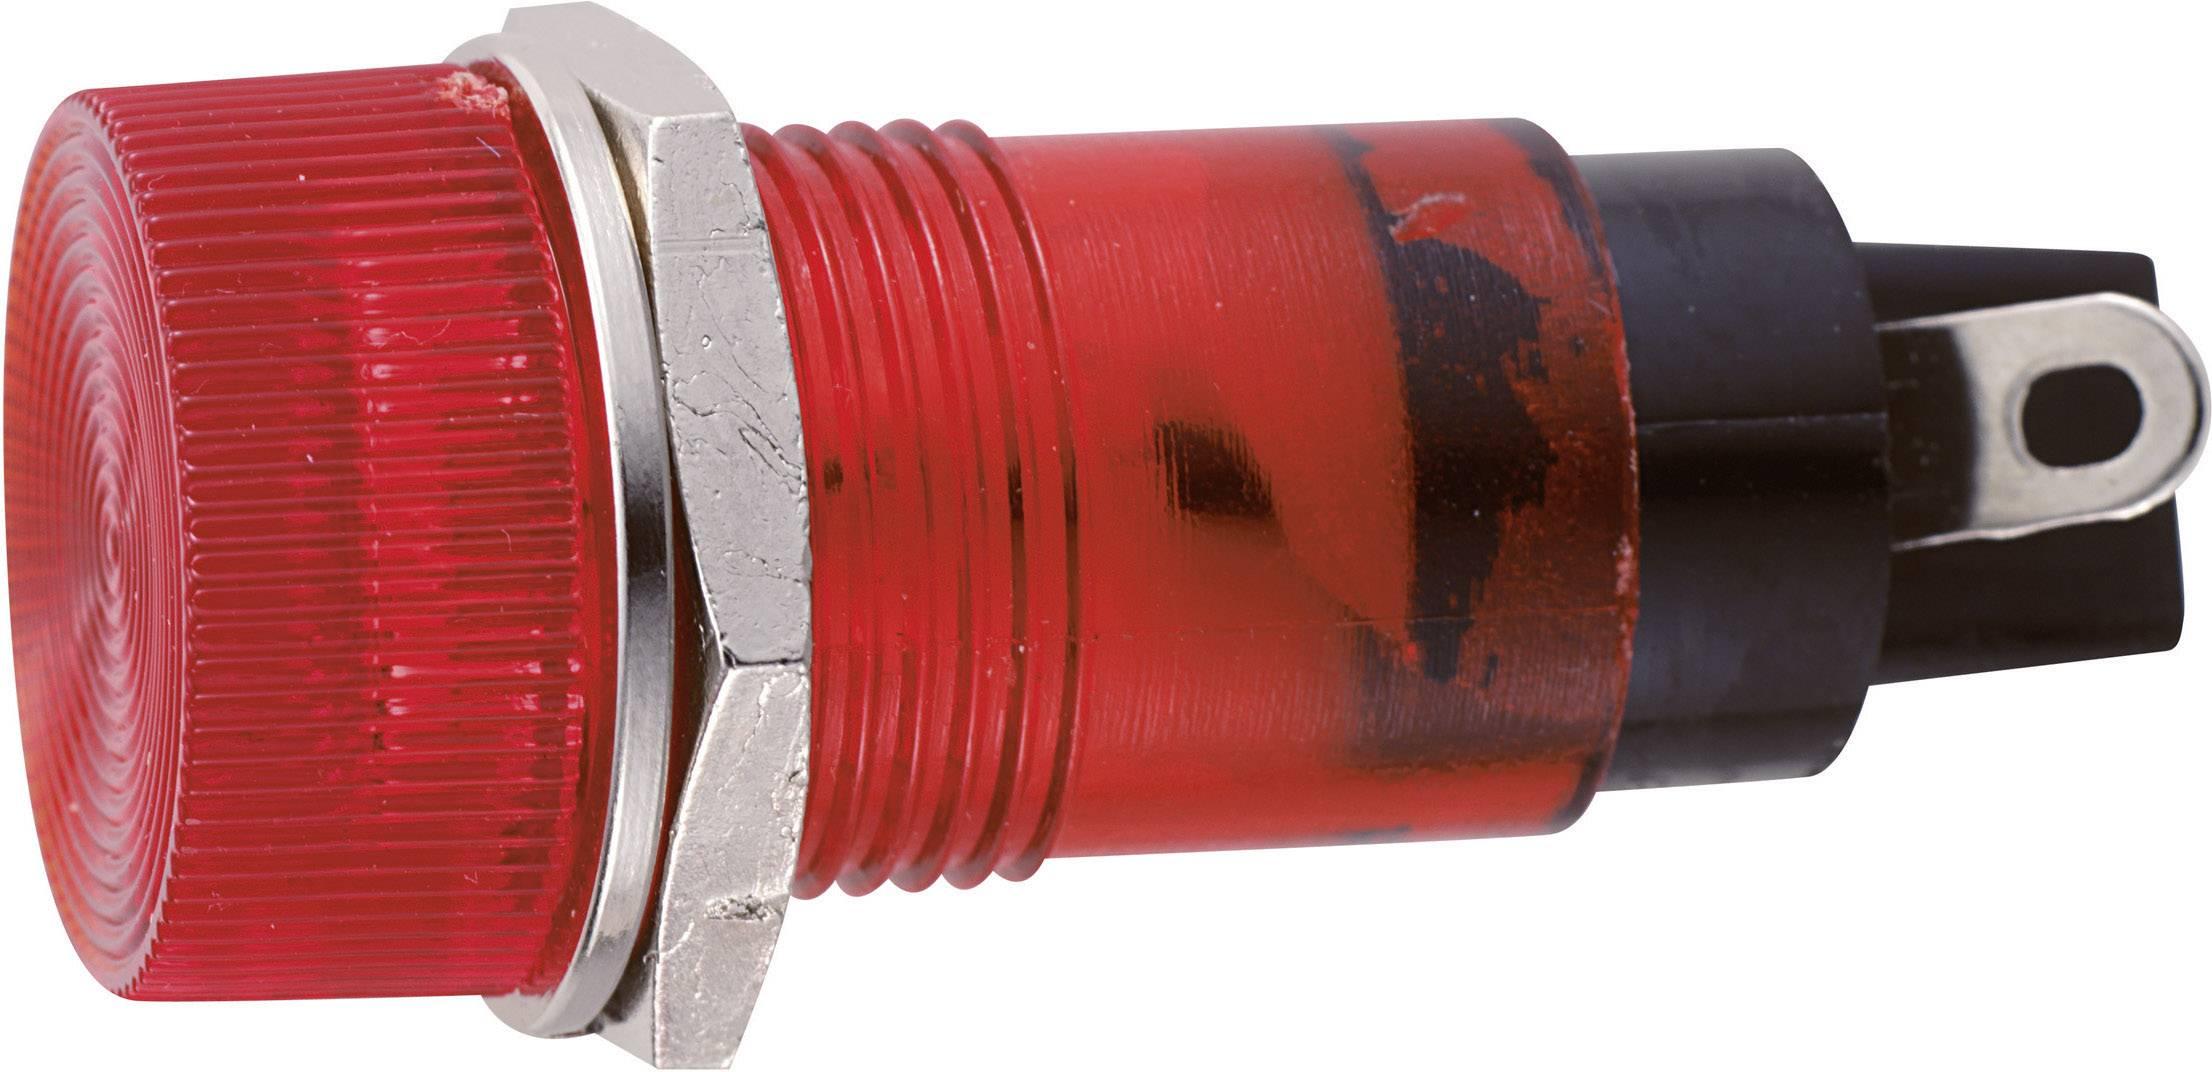 Sedeco B-432 24V RED, červená, 1 ks